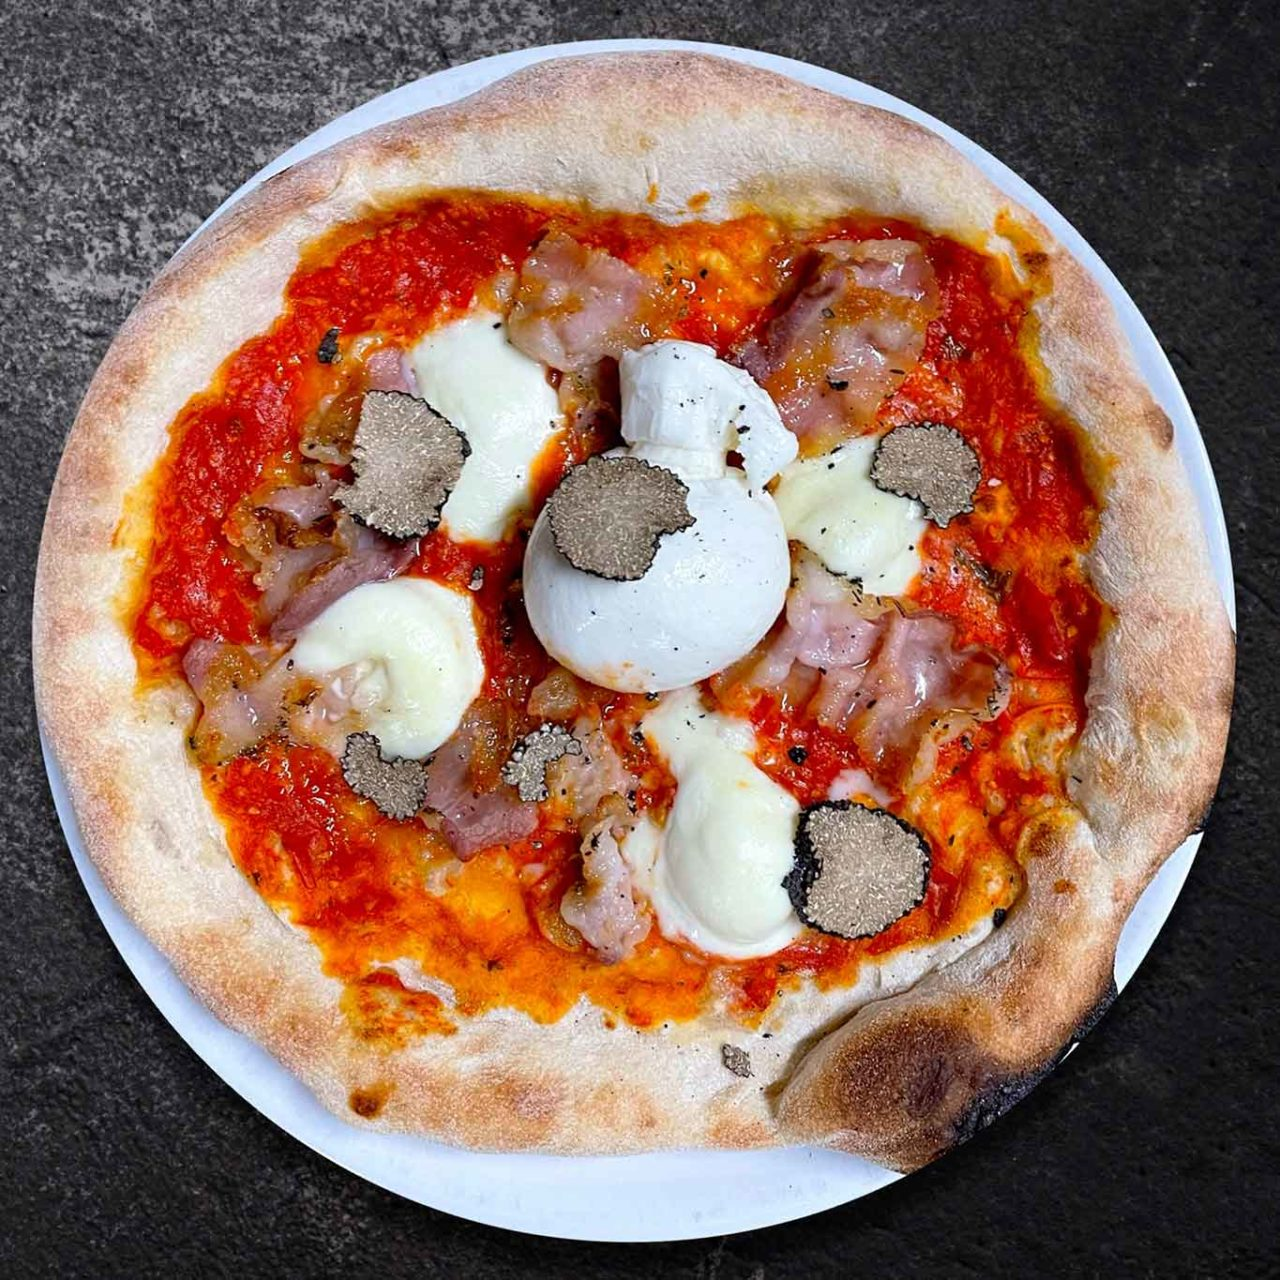 pizza Larderia della pizzeria Caveau celebrata da Selvaggia Lucarelli